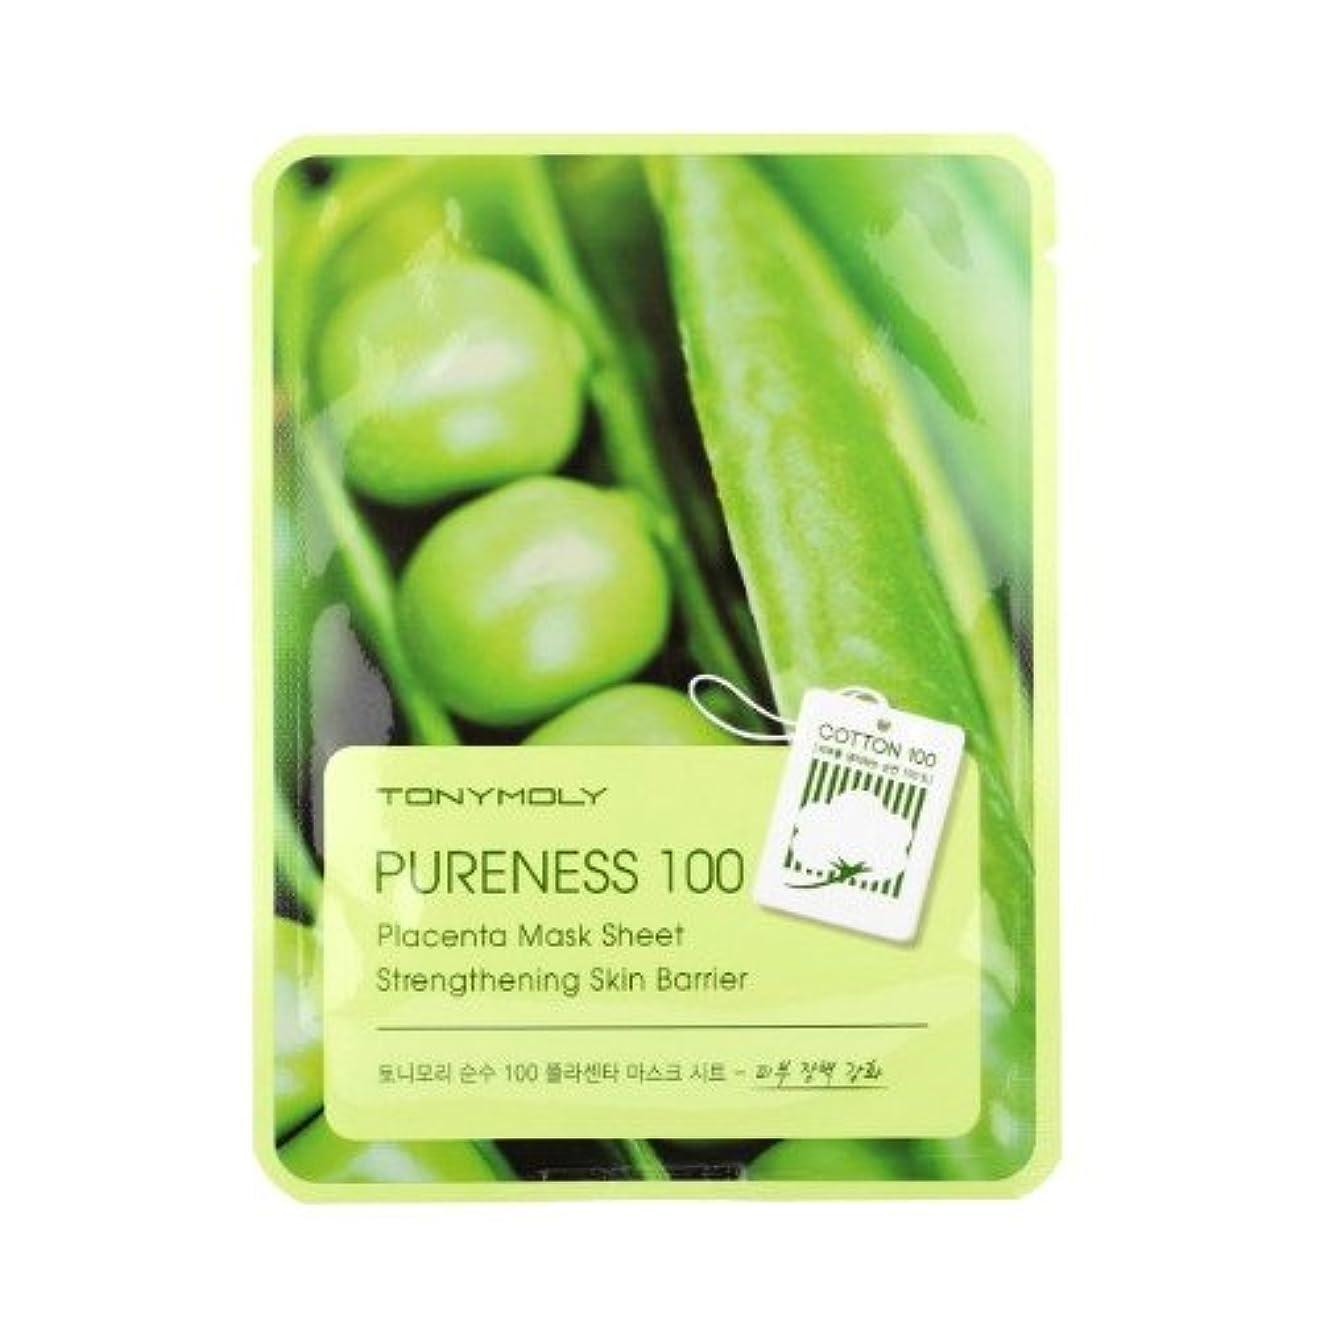 撤退上向き超越する(6 Pack) TONYMOLY Pureness 100 Placenta Mask Sheet Strengthening Skin Barrier (並行輸入品)